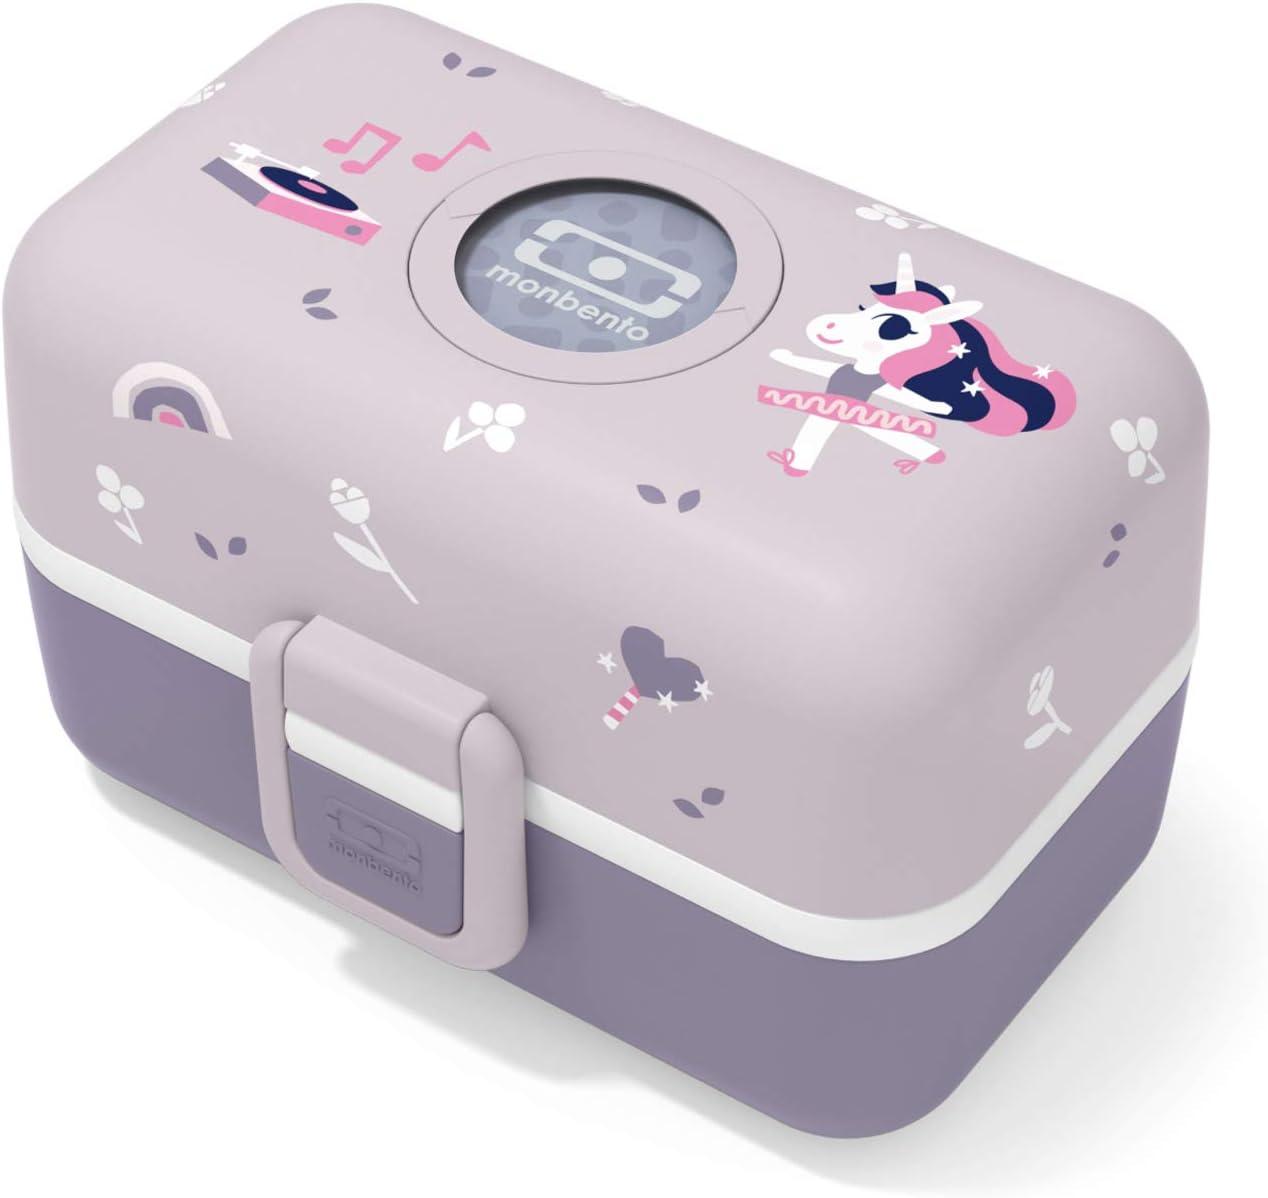 monbento Senza BPA Porta Pranzo con 3 Scomparti Passa al microonde /& lavastoviglie MB Tresor Cosmic Blue Lunch Box Tigre Bambini Porta merenda Personalizzabile